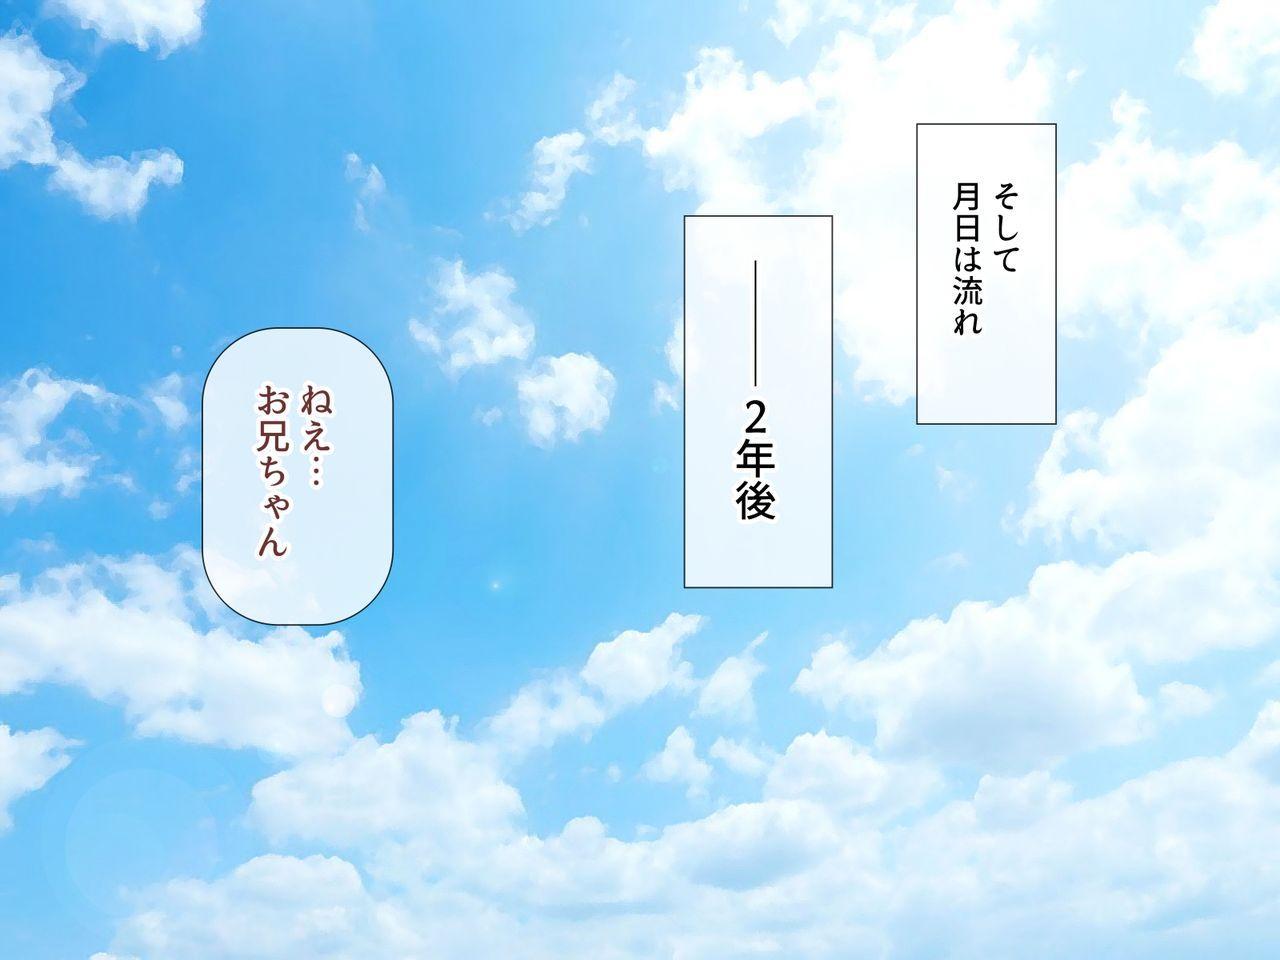 Uchiki na Jyumai ga Ore no Tame ni Karada o Kitaeta Kekka 104